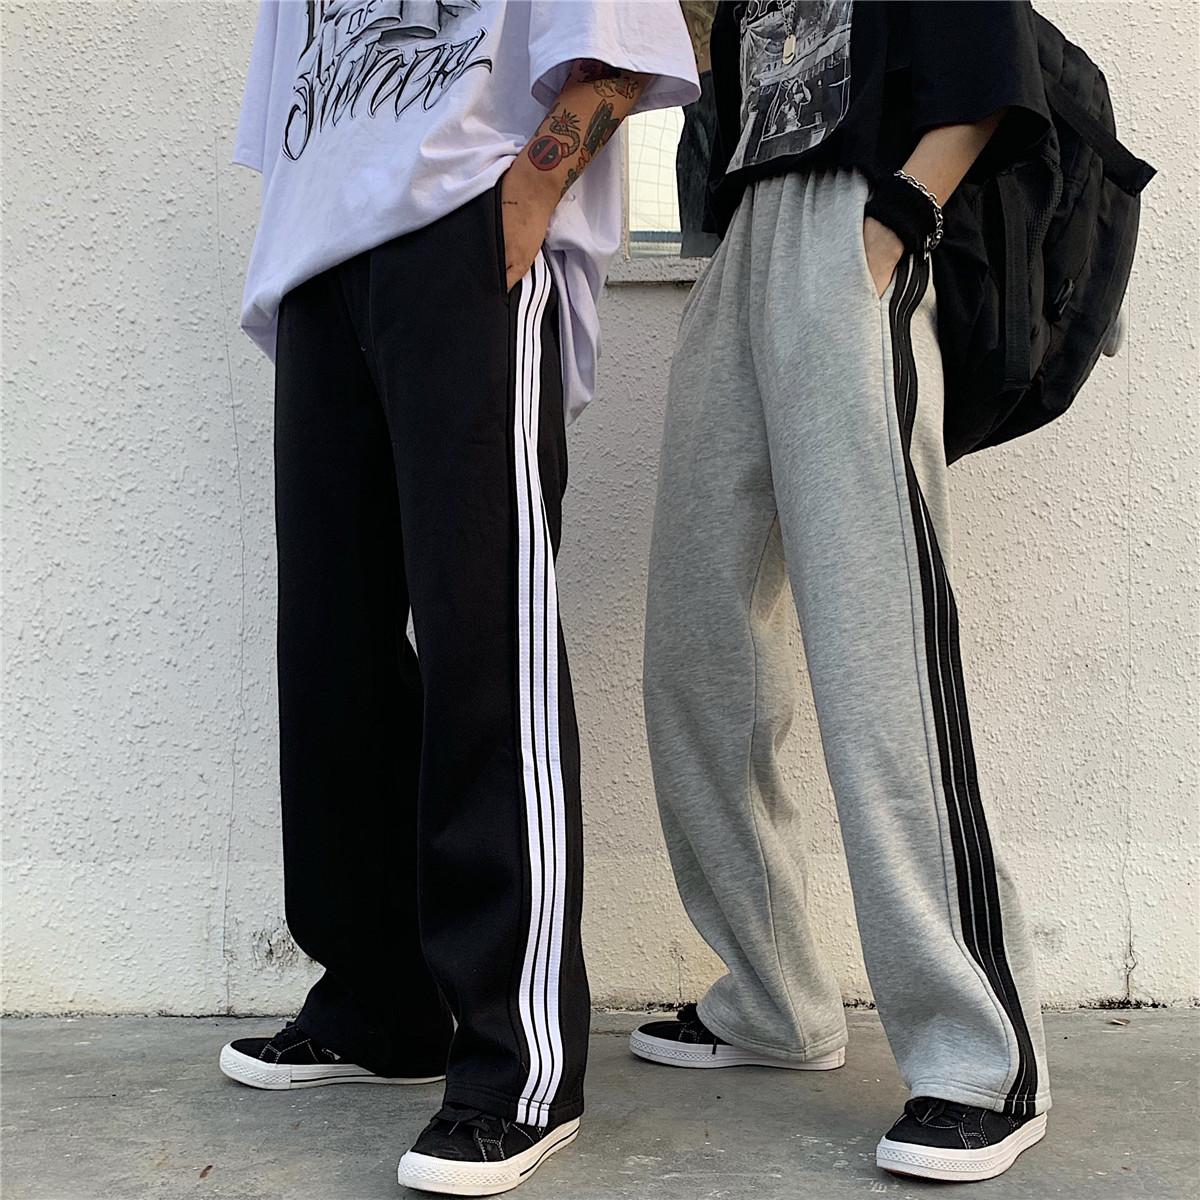 2021秋装新款条纹休闲运动裤bf男女潮经典显瘦阔腿直筒长裤男友风